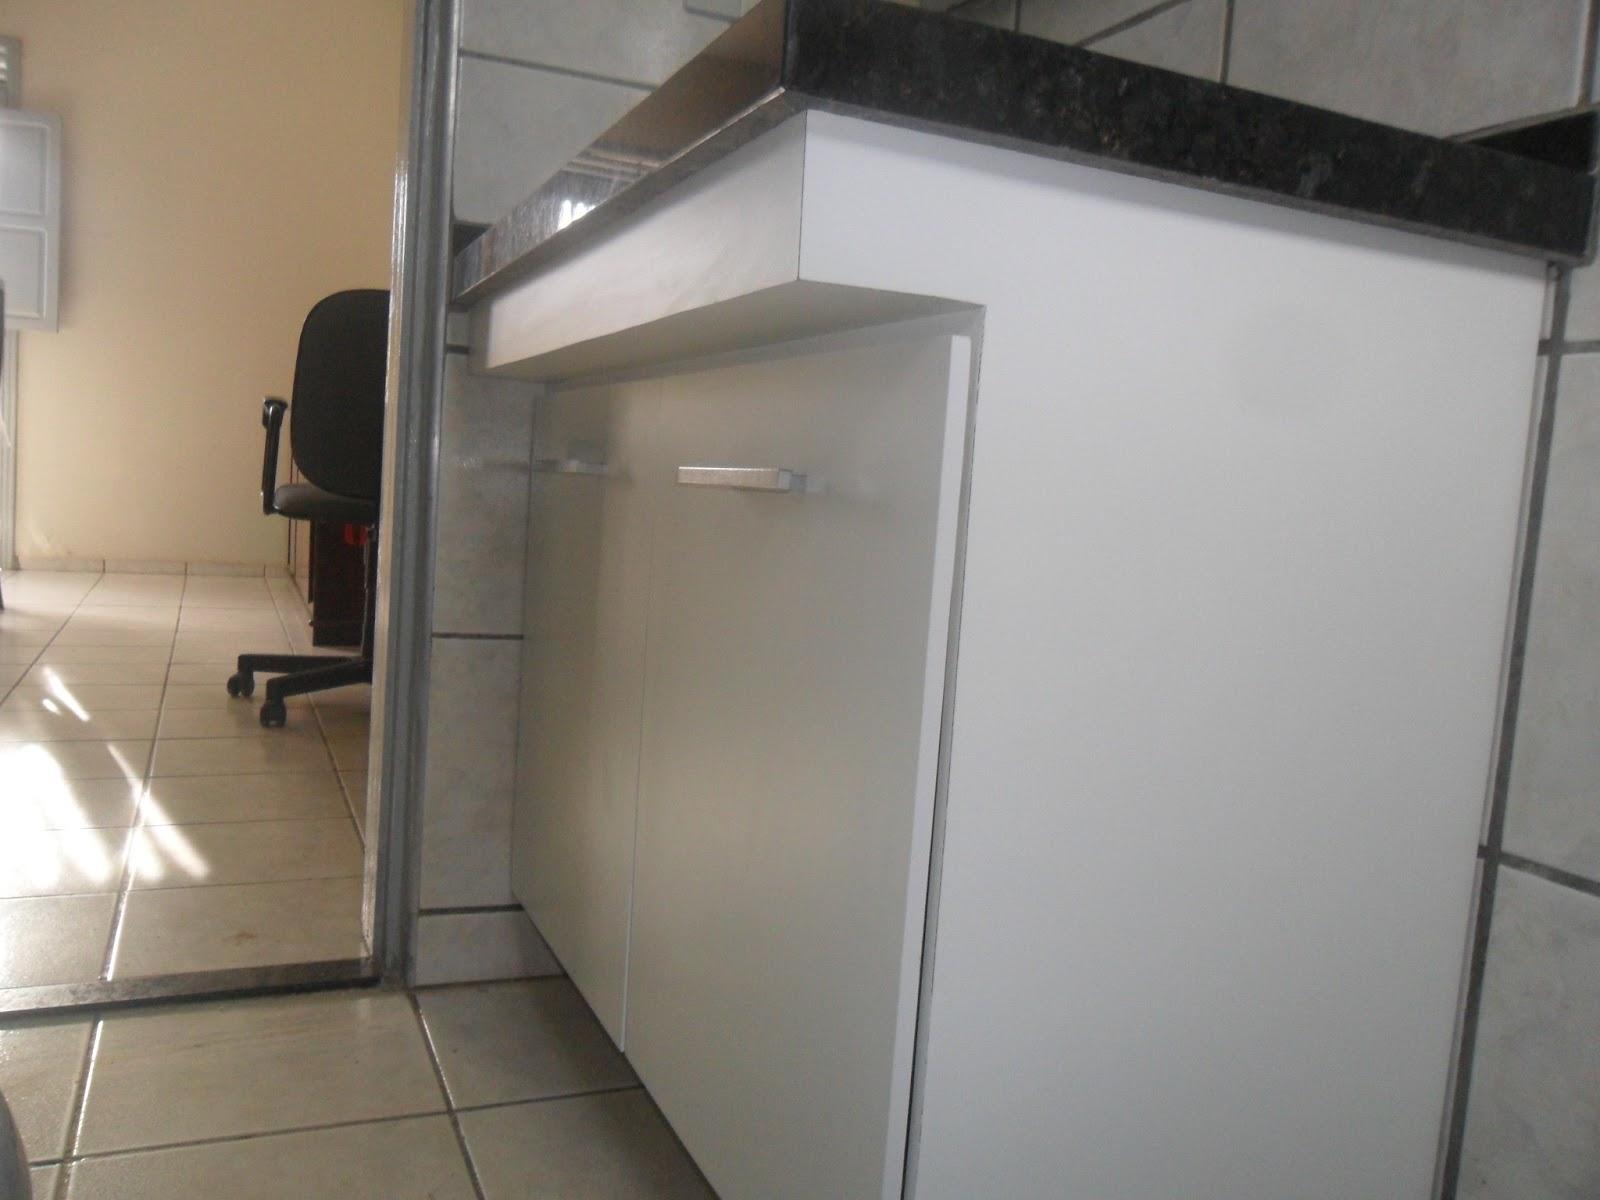 gabinete de cozinha com pia nas casas bahia #7F694C 1600 1200